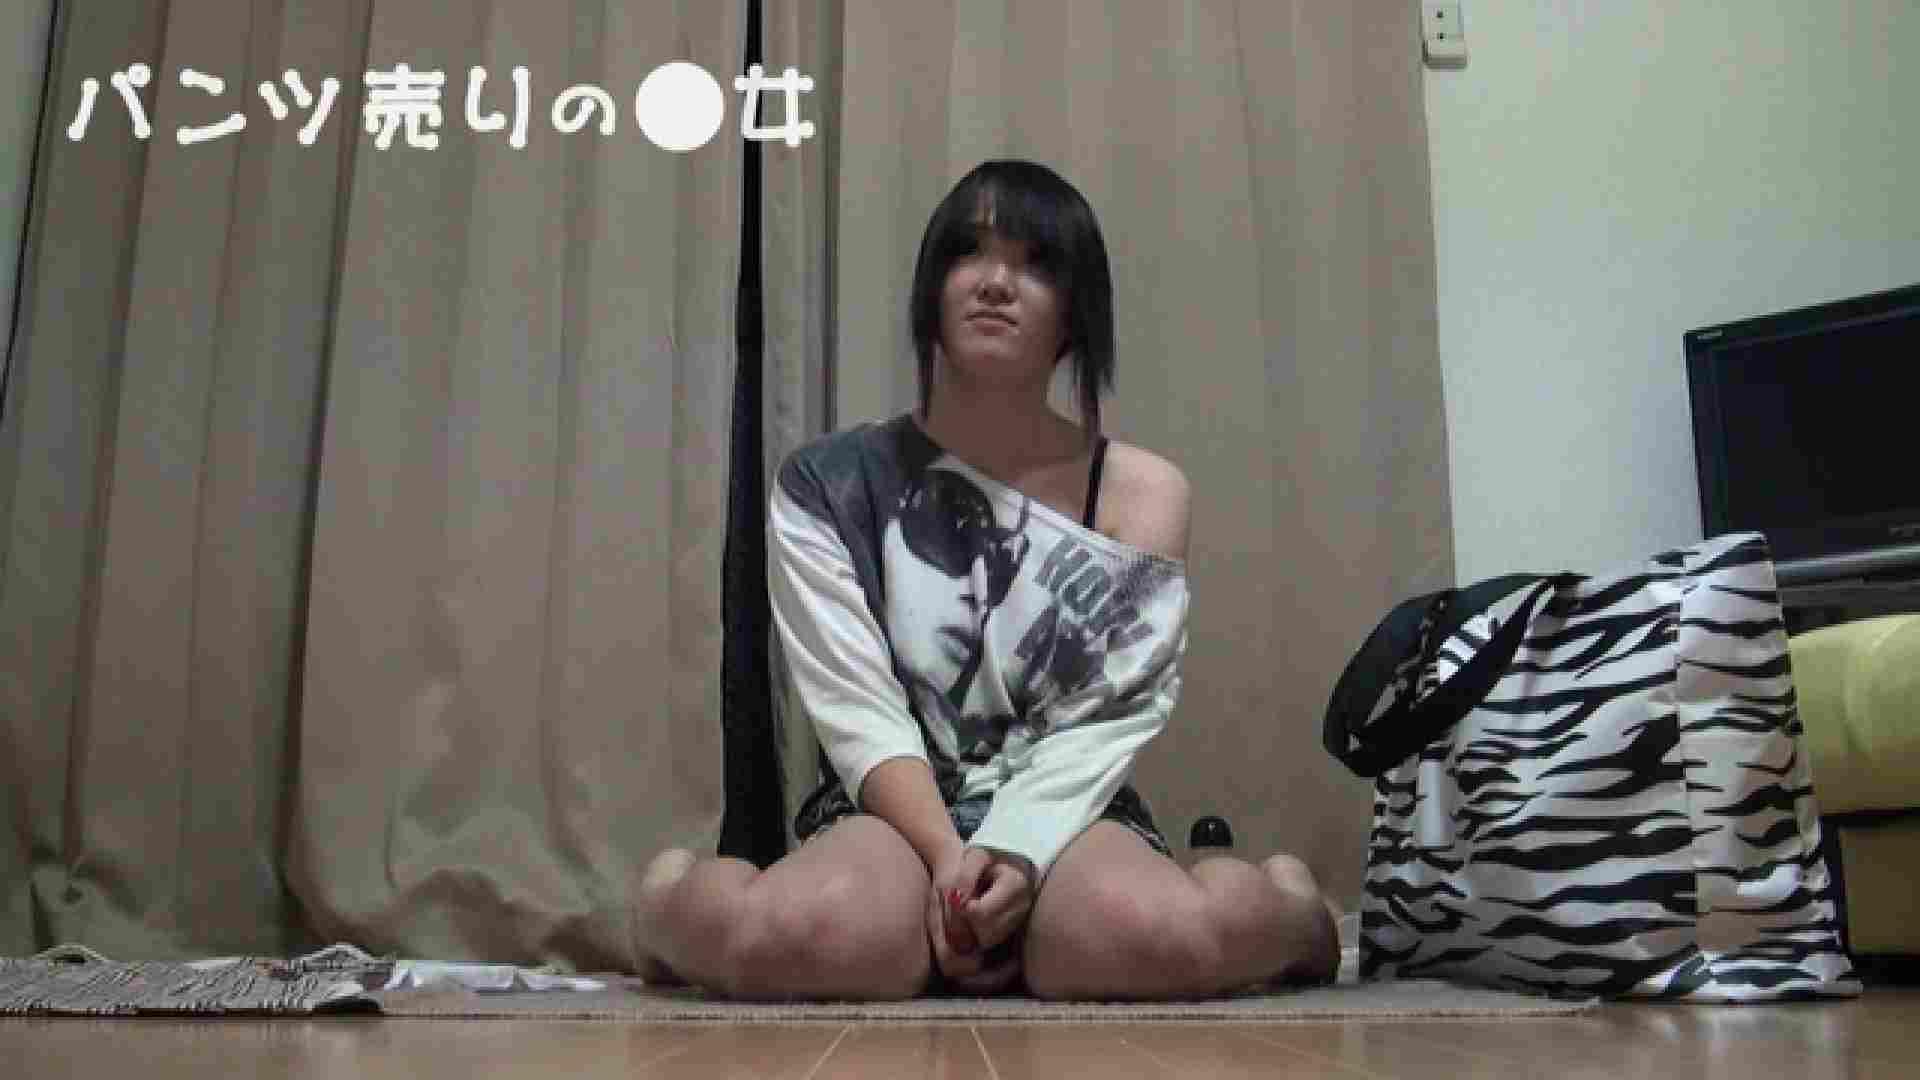 新説 パンツ売りの女の子mizuki02 おまんこ娘 覗きおまんこ画像 98連発 7